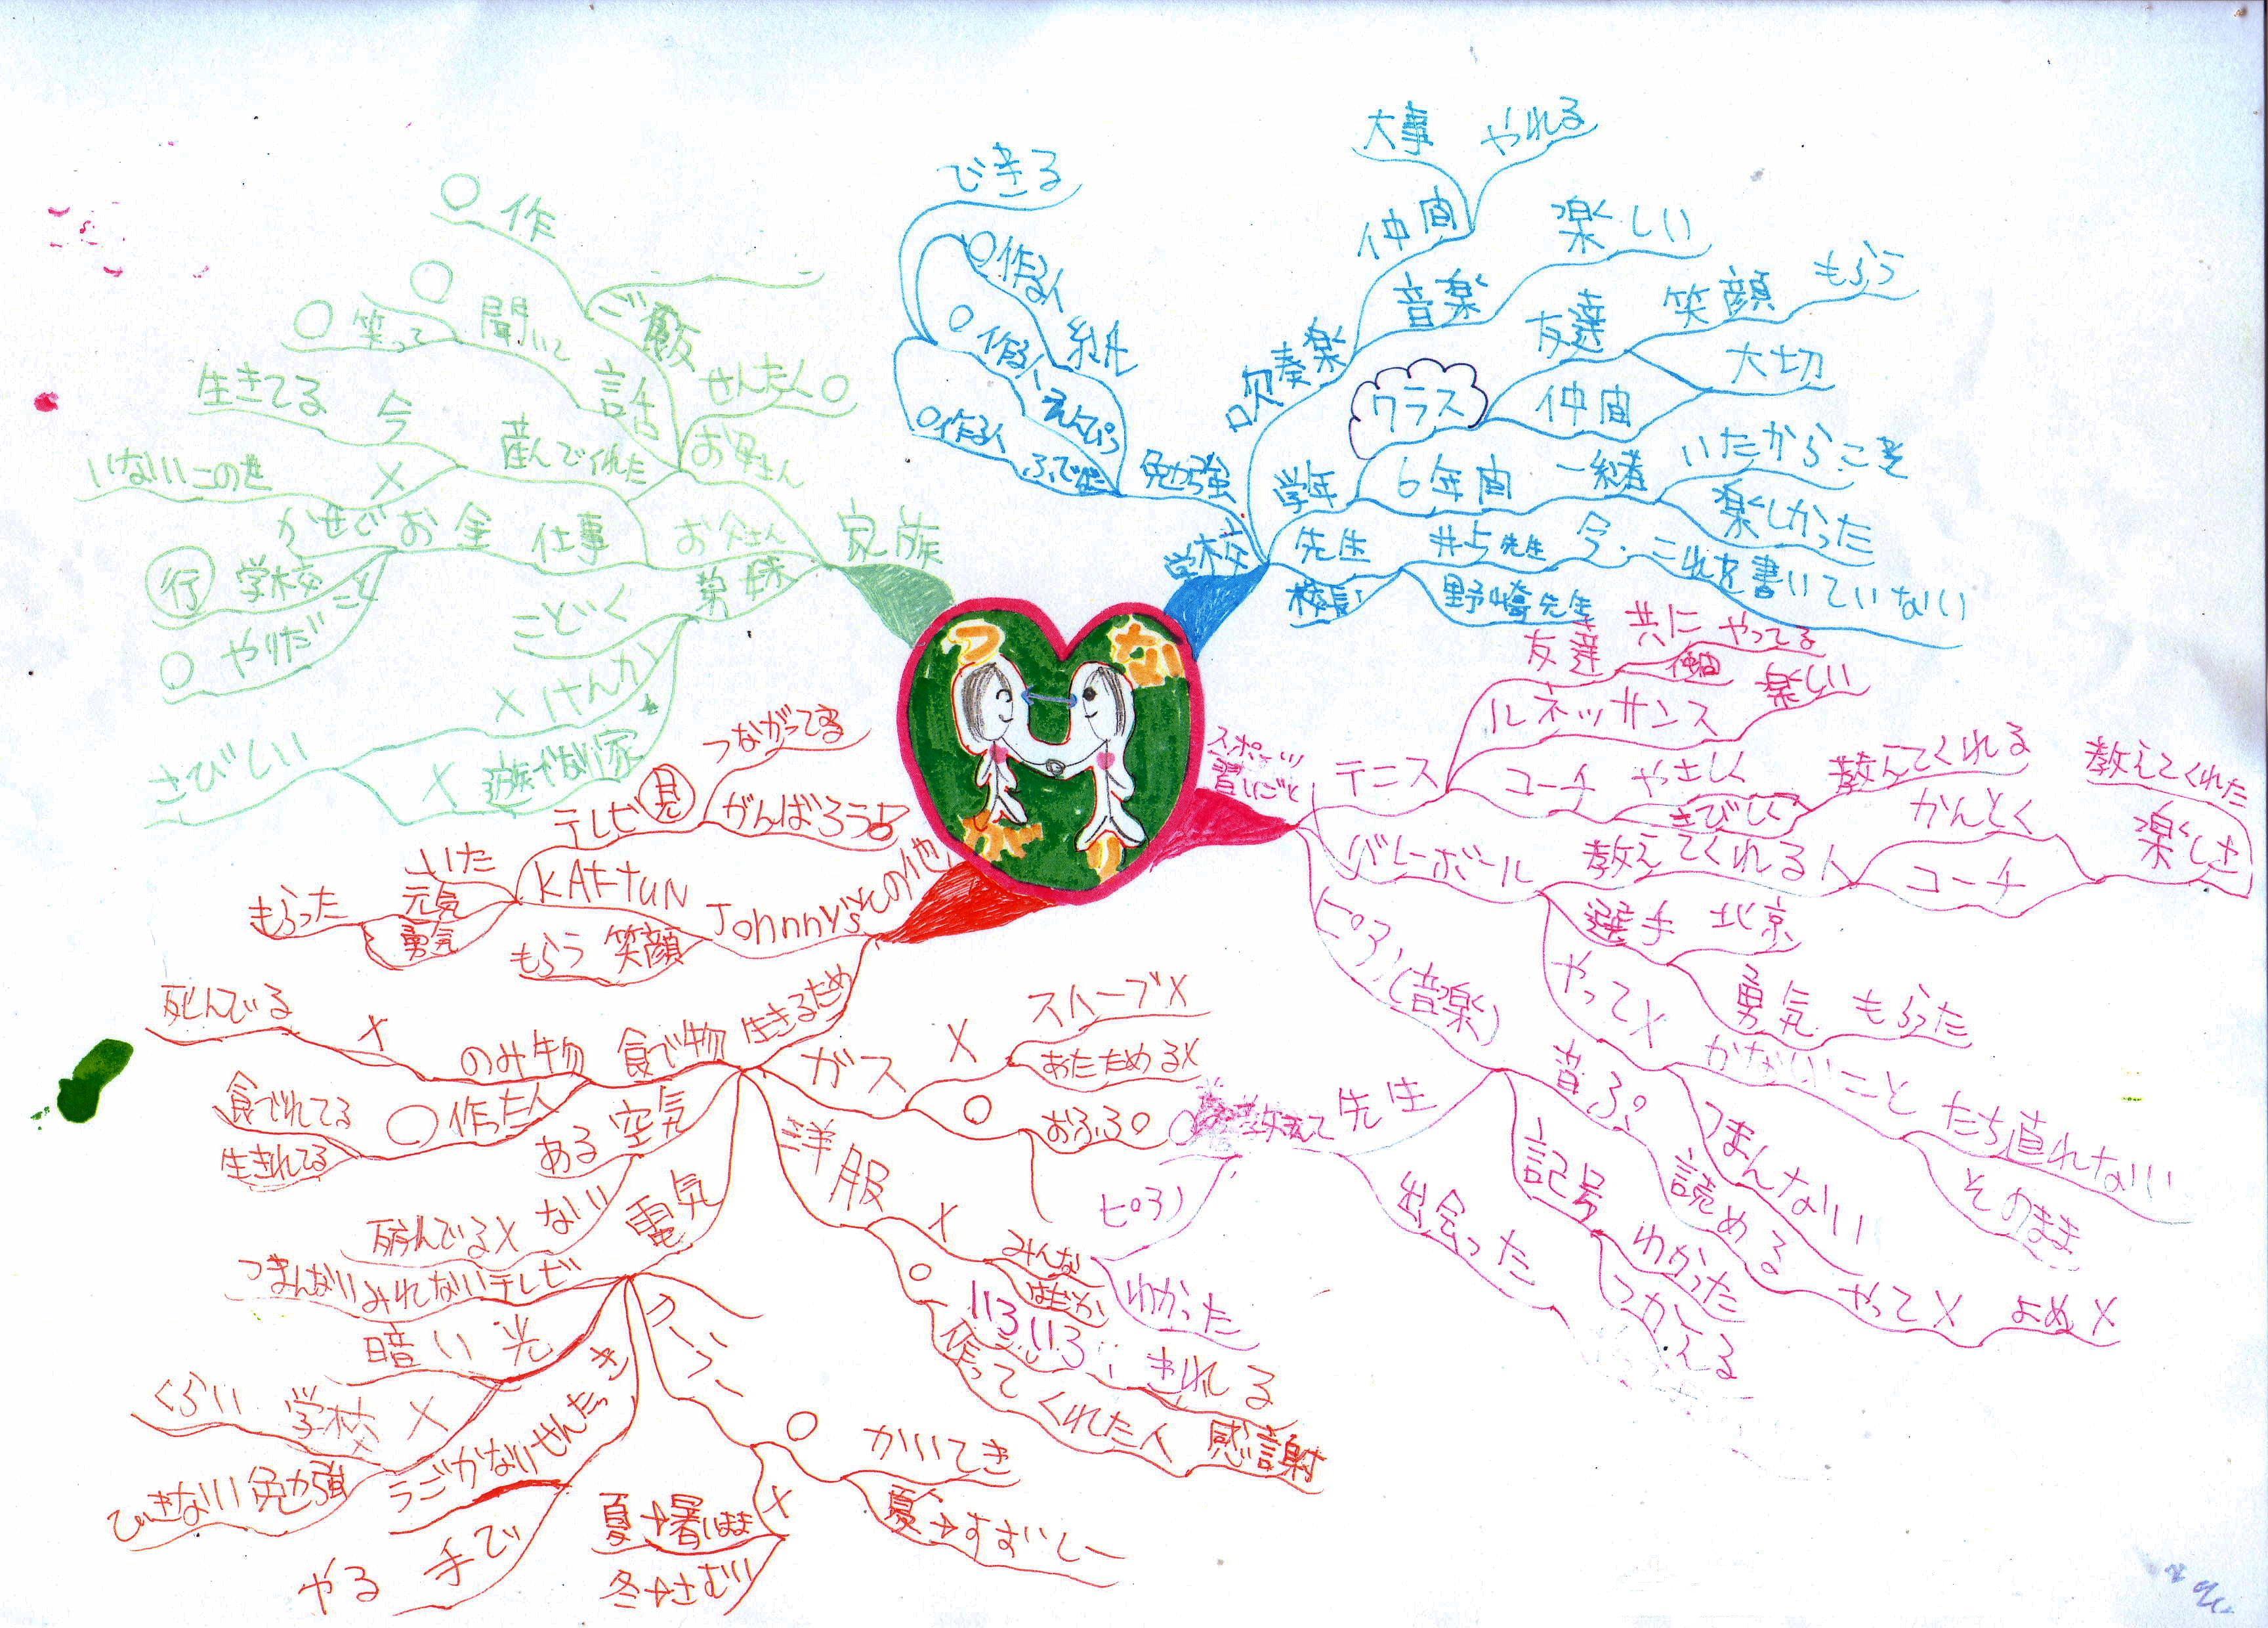 「マインドマップ活用授業(国語)」のブログ記事一覧(4ページ ...